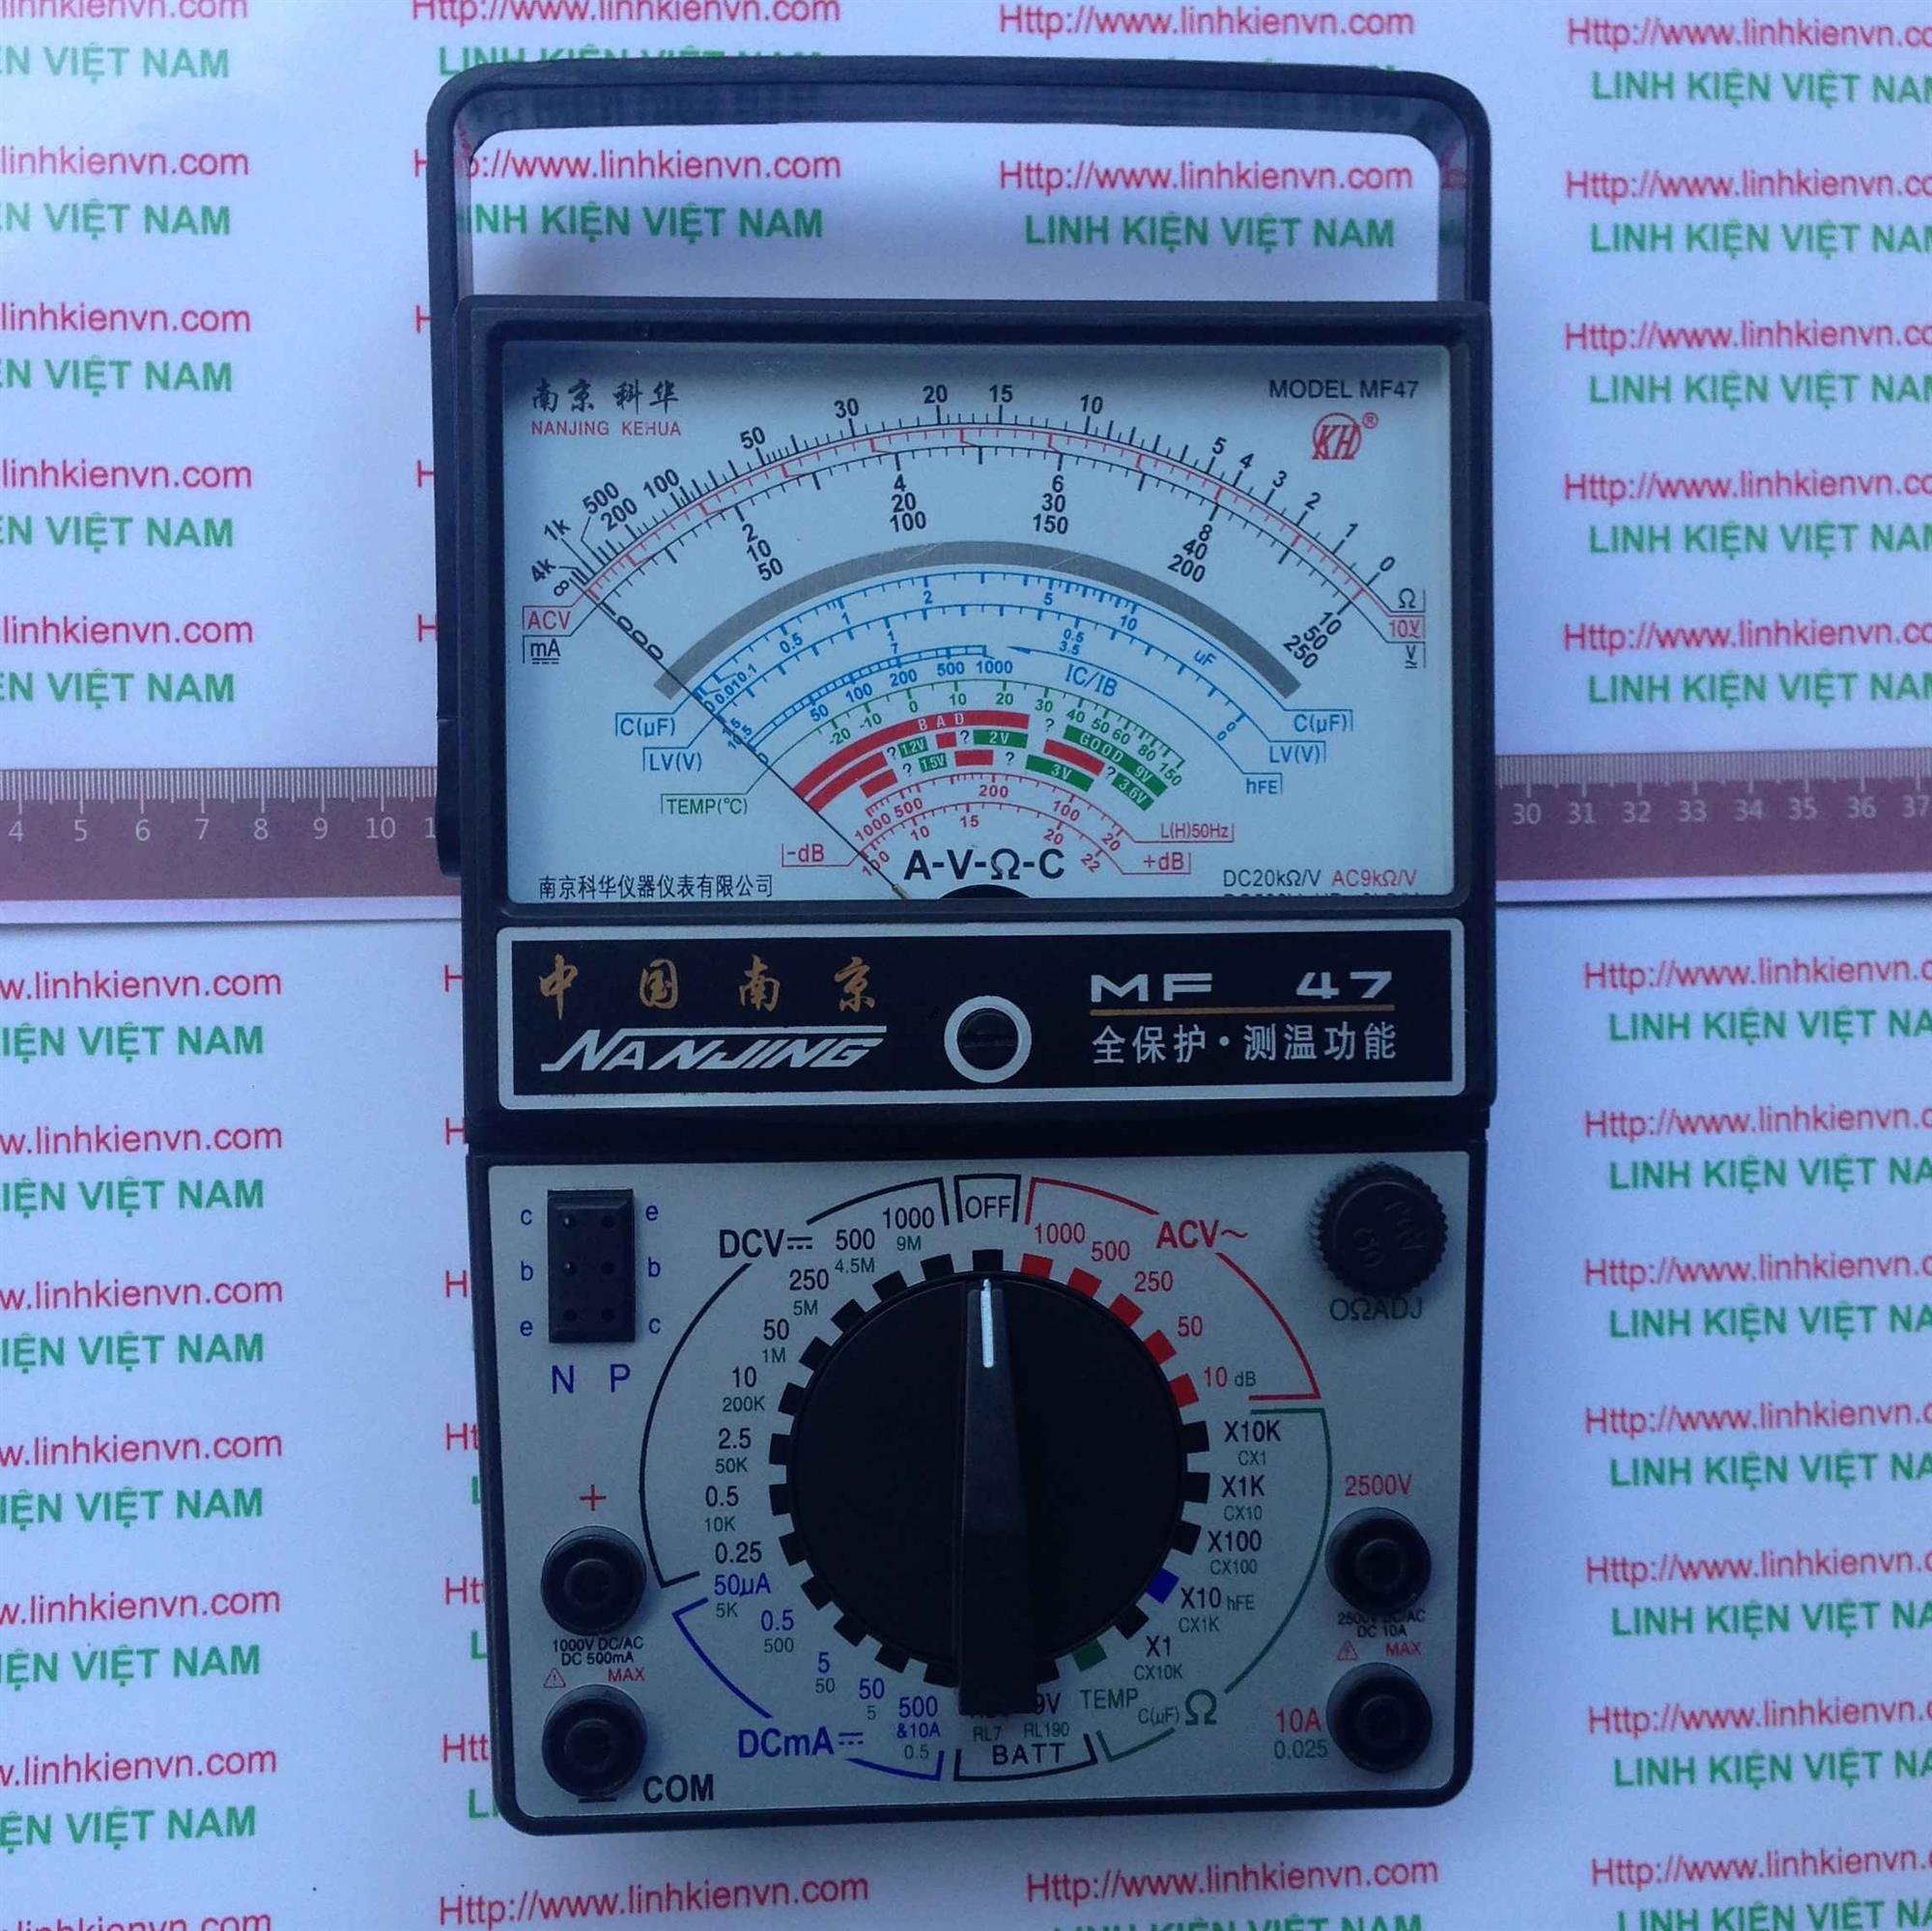 Đồng hồ MF47 / Đồng hồ kim MF47/ Đồng hồ tương tự - Kho B